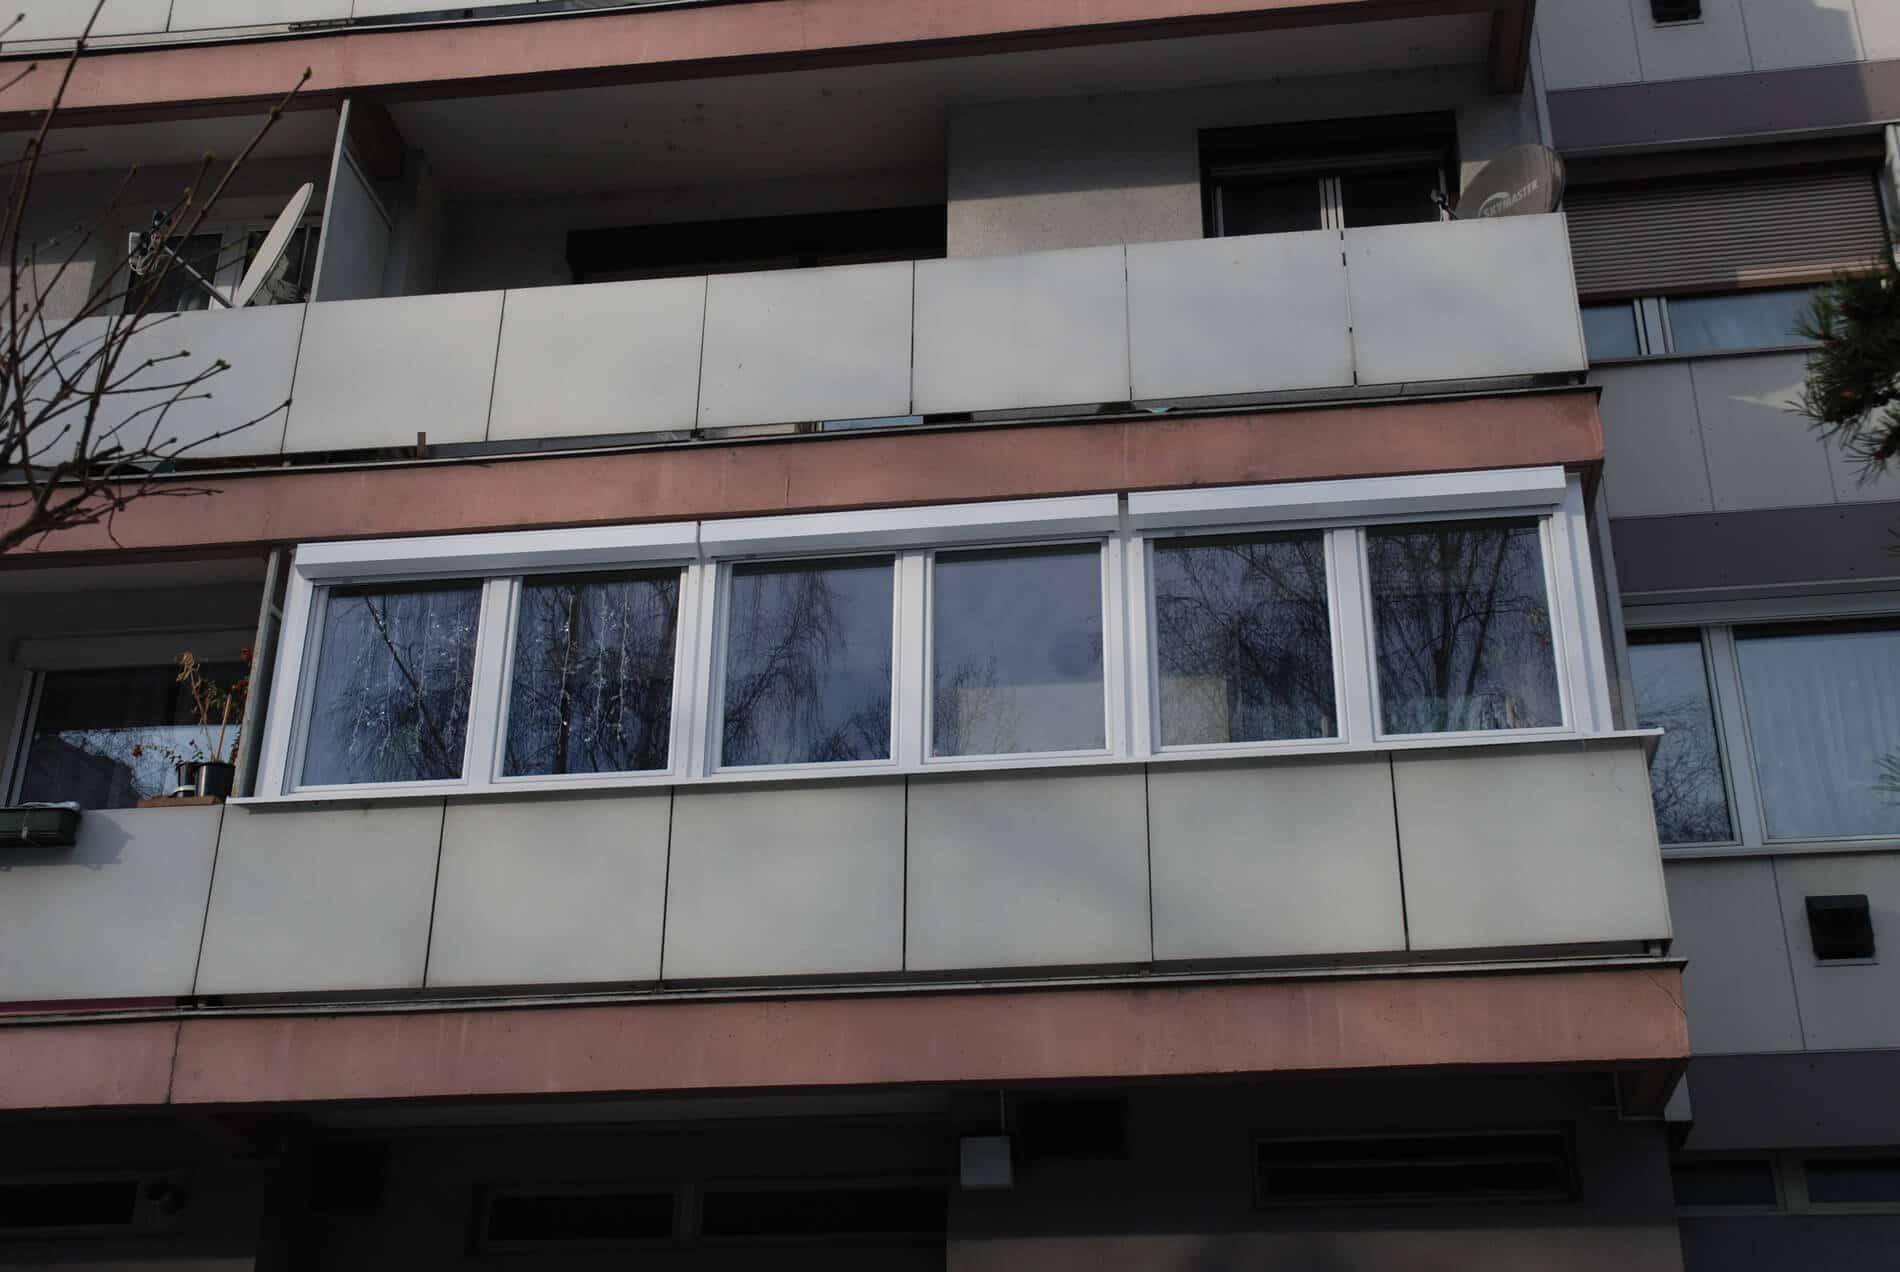 Balkonverkleidung Glas Terrassen Schiebetur Aus Glas Geschutzte